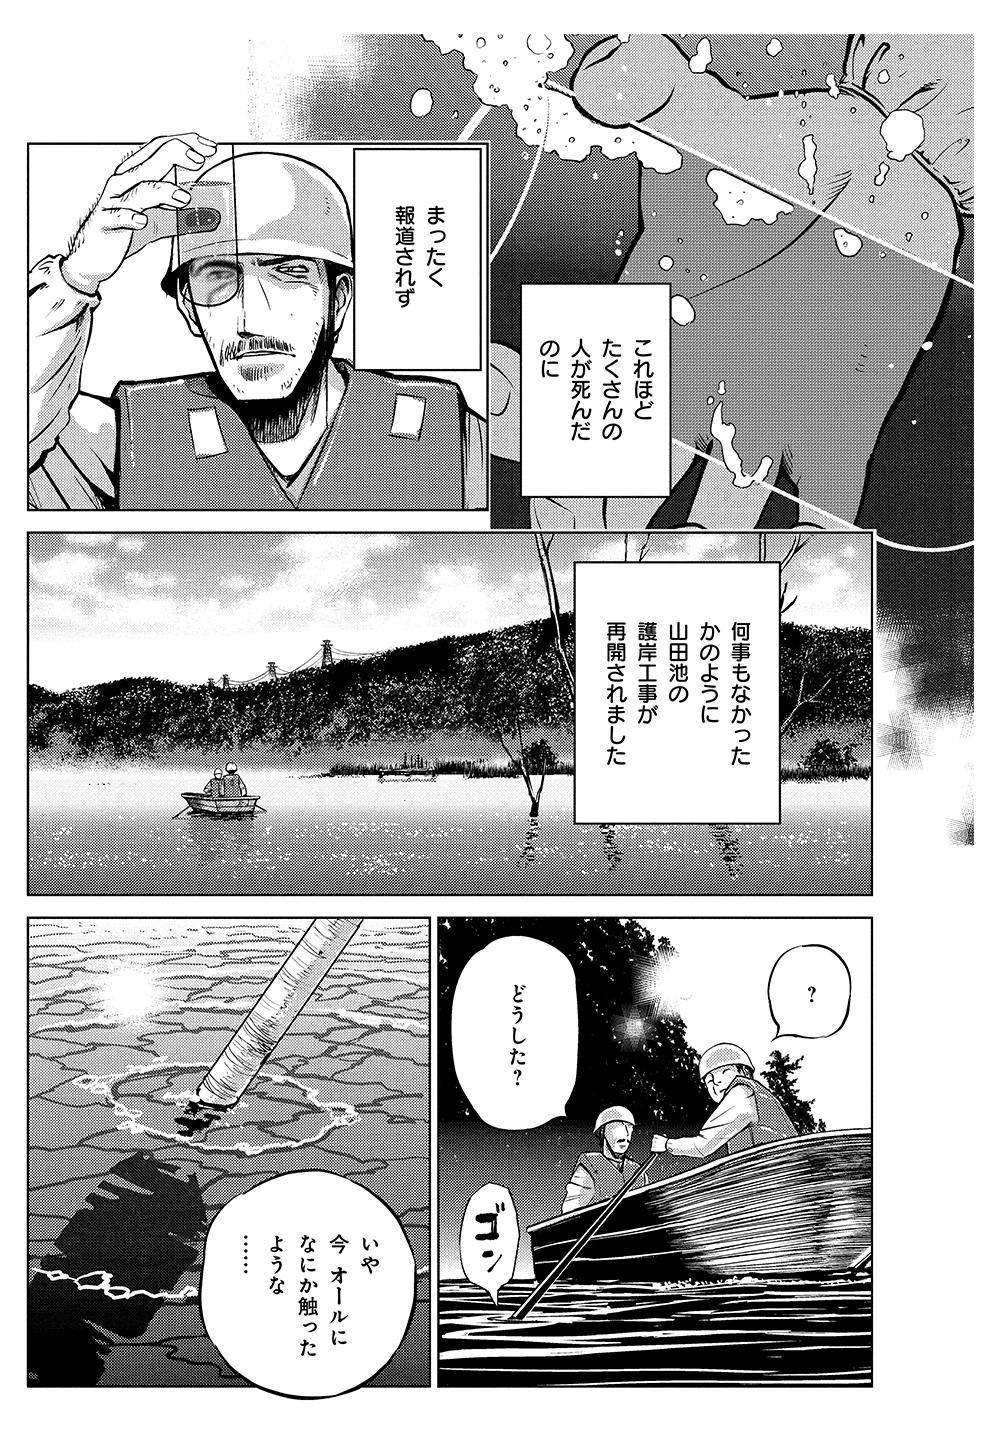 ことなかれ 第3話「革仔玉」②kotonakare01-29.jpg